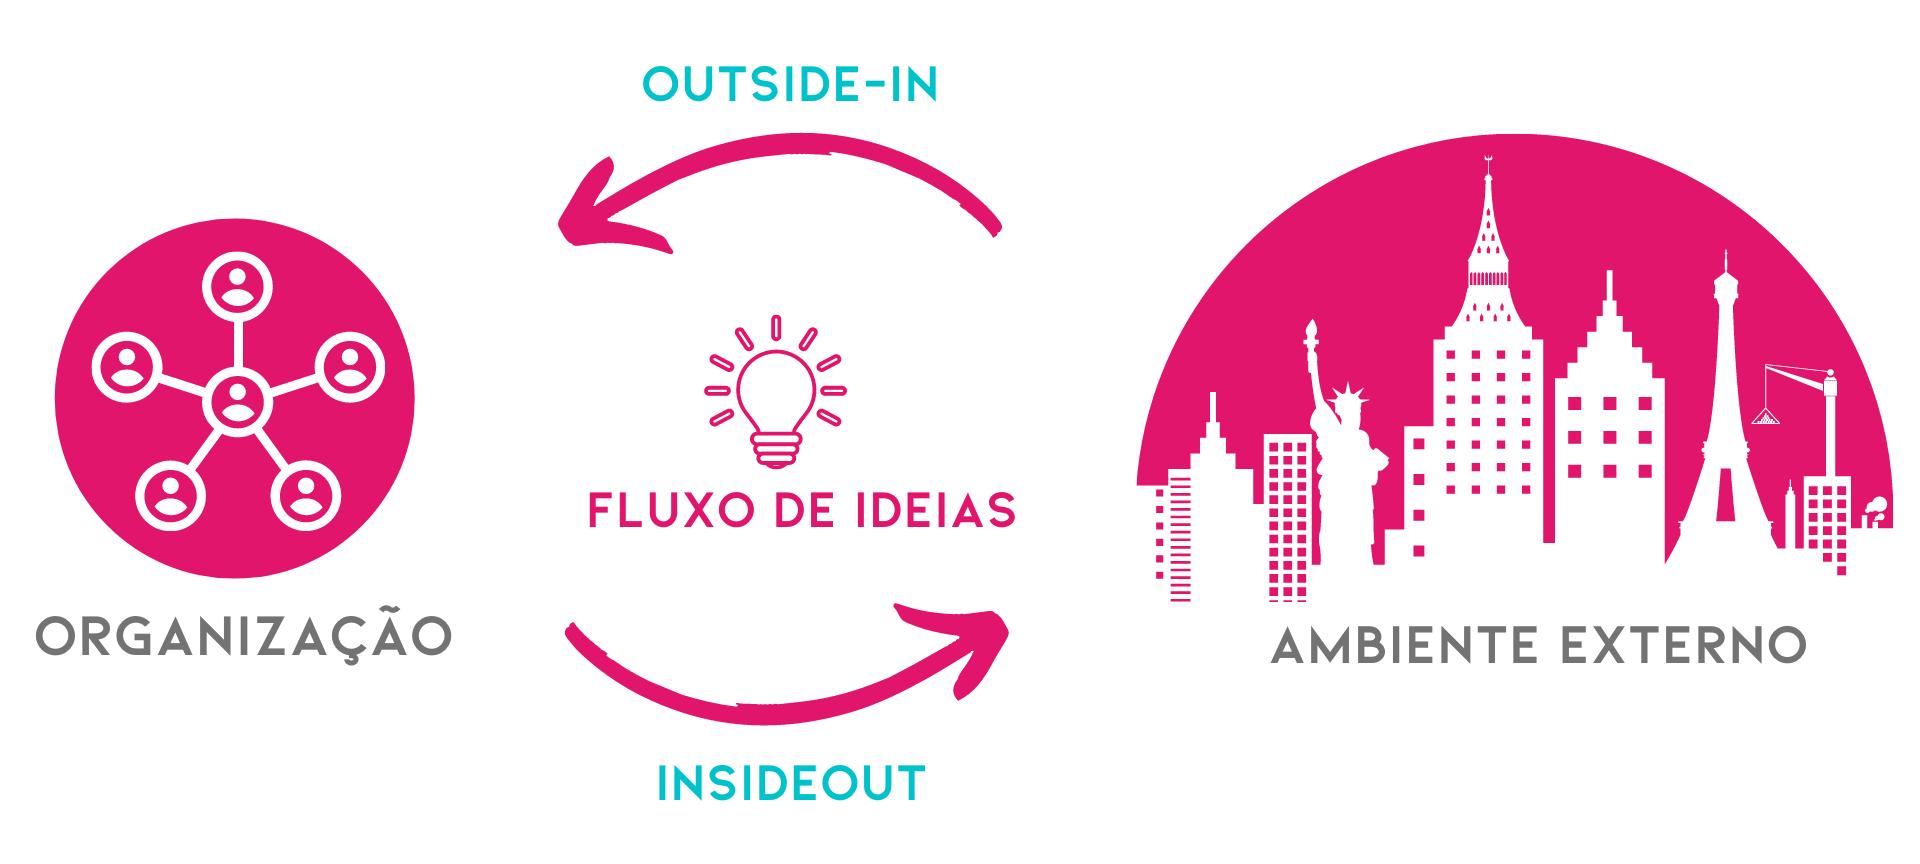 Inovação aberta: fluxo de ideias